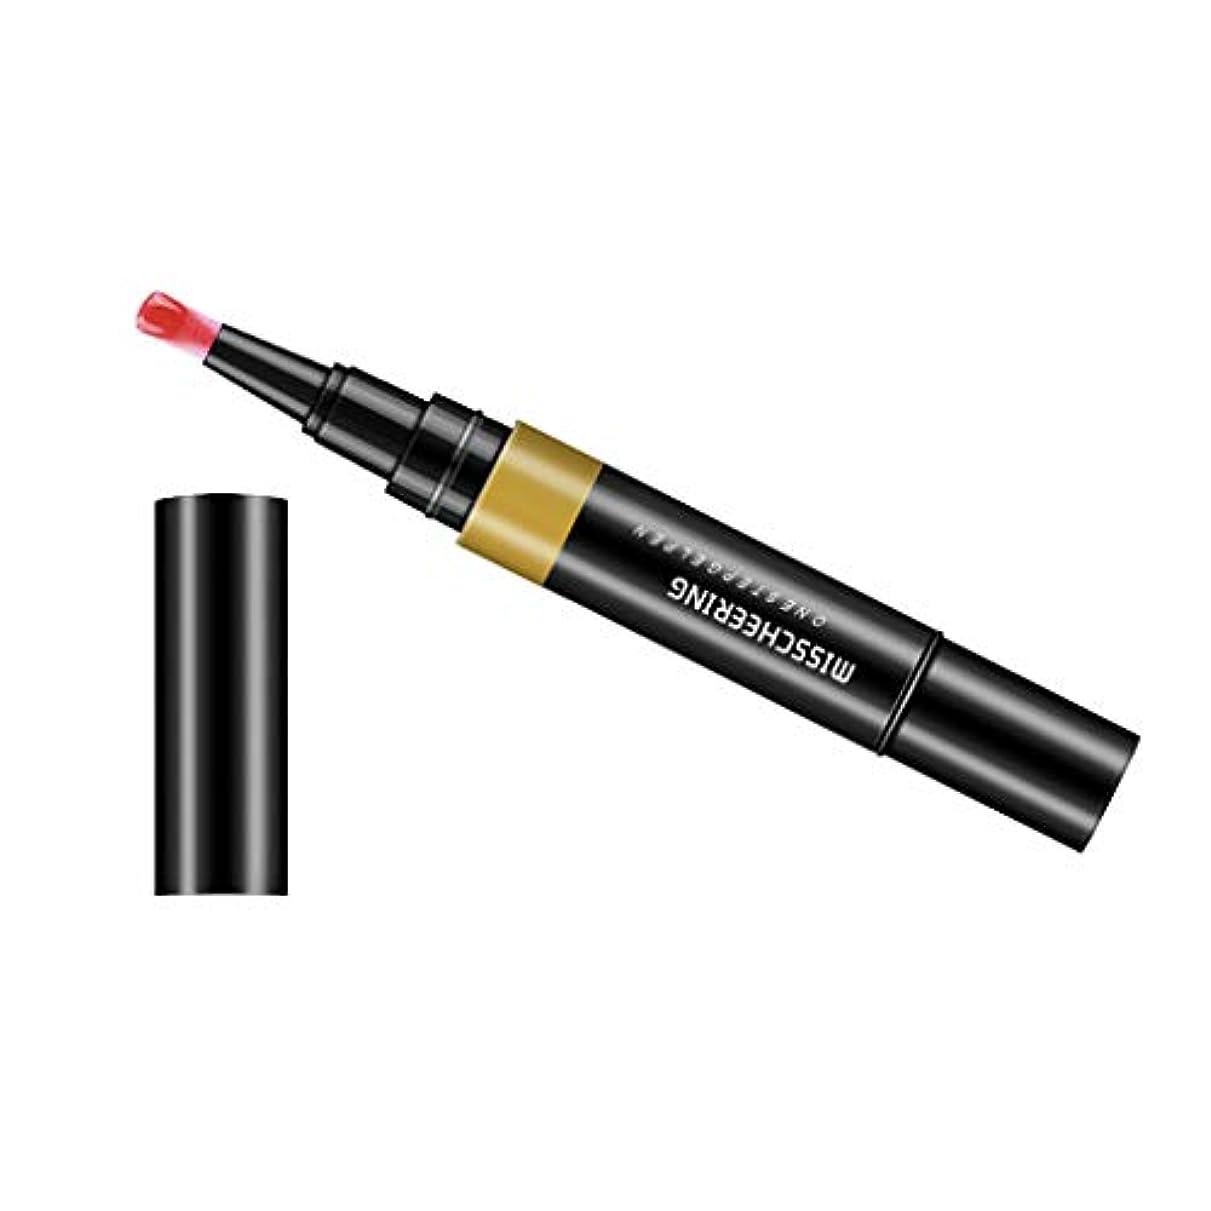 特許予算ホーンToygogo ジェル マニキュアペン ワニスラッカー ネイルアートペン 3 イン 1 サロン 初心者 セルフネイル DIY - ワインレッド